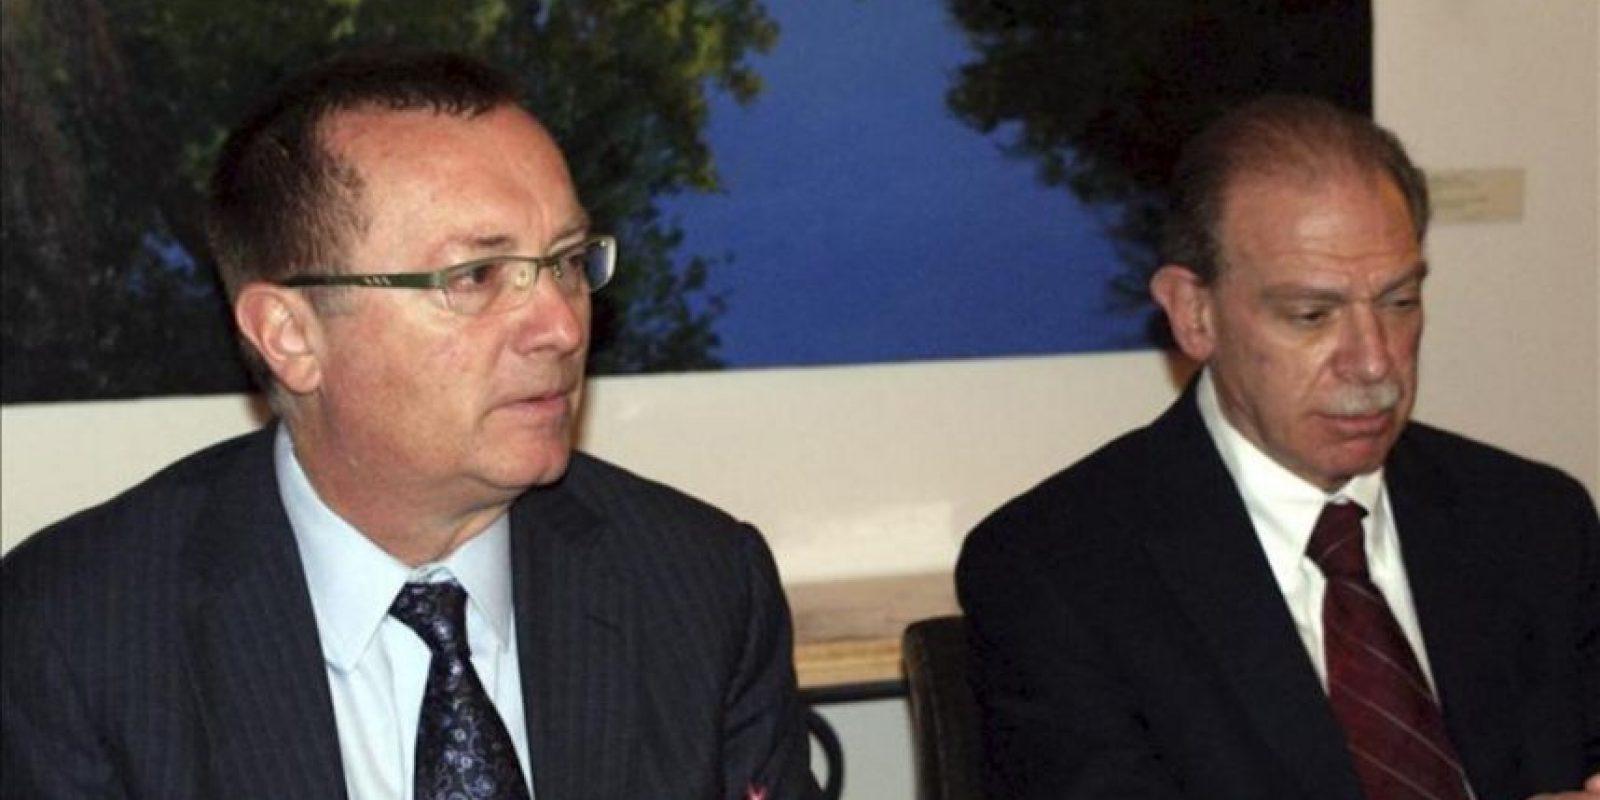 El secretario de Estado adjunto de Asuntos de Oriente Próximo, Jeffrey D. Feltman, (i), junto al embajador estadounidense en Yemen, Gerald Feierstein (d) comparecen hoy ante los medios en la embajada estadounidense en Saná, Yemen. EFE